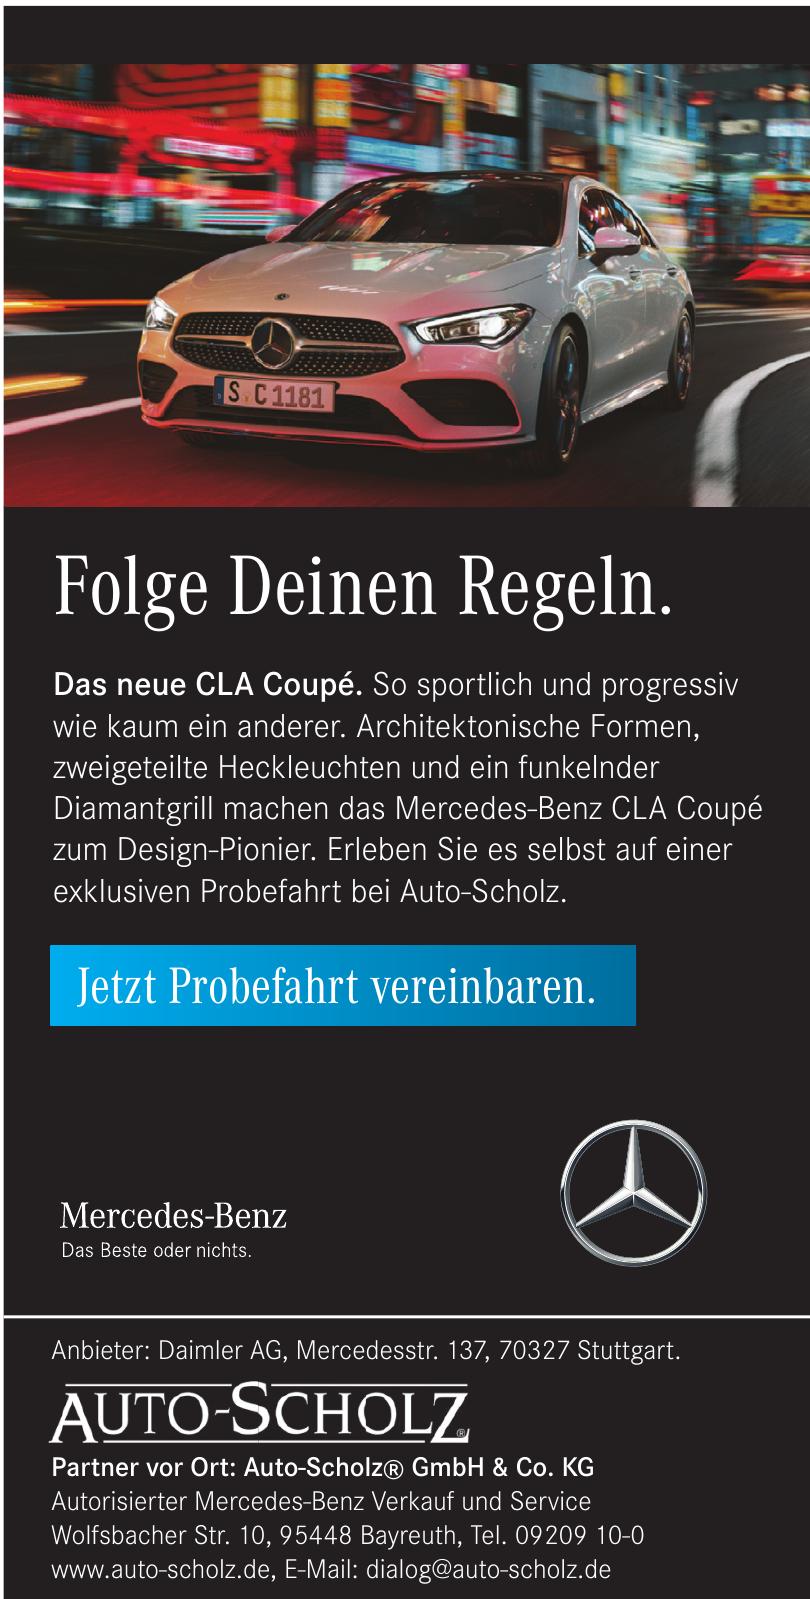 Auto-Scholz® GmbH & Co. KG